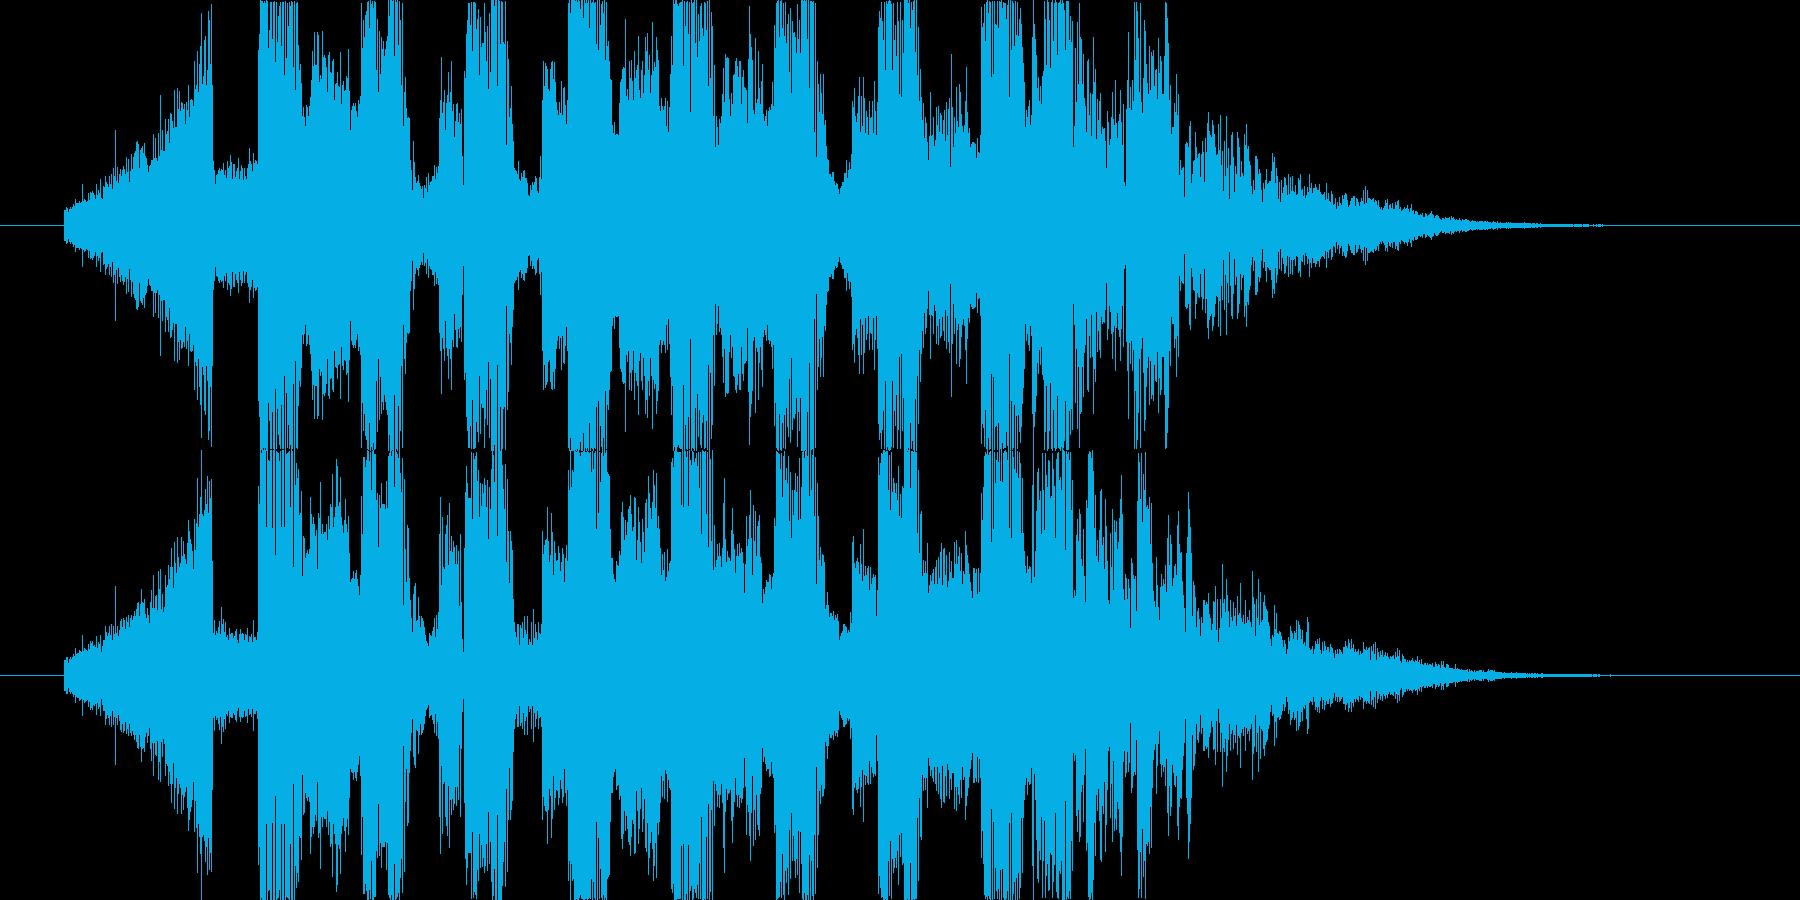 シンセサイザーが印象的なBGMの再生済みの波形